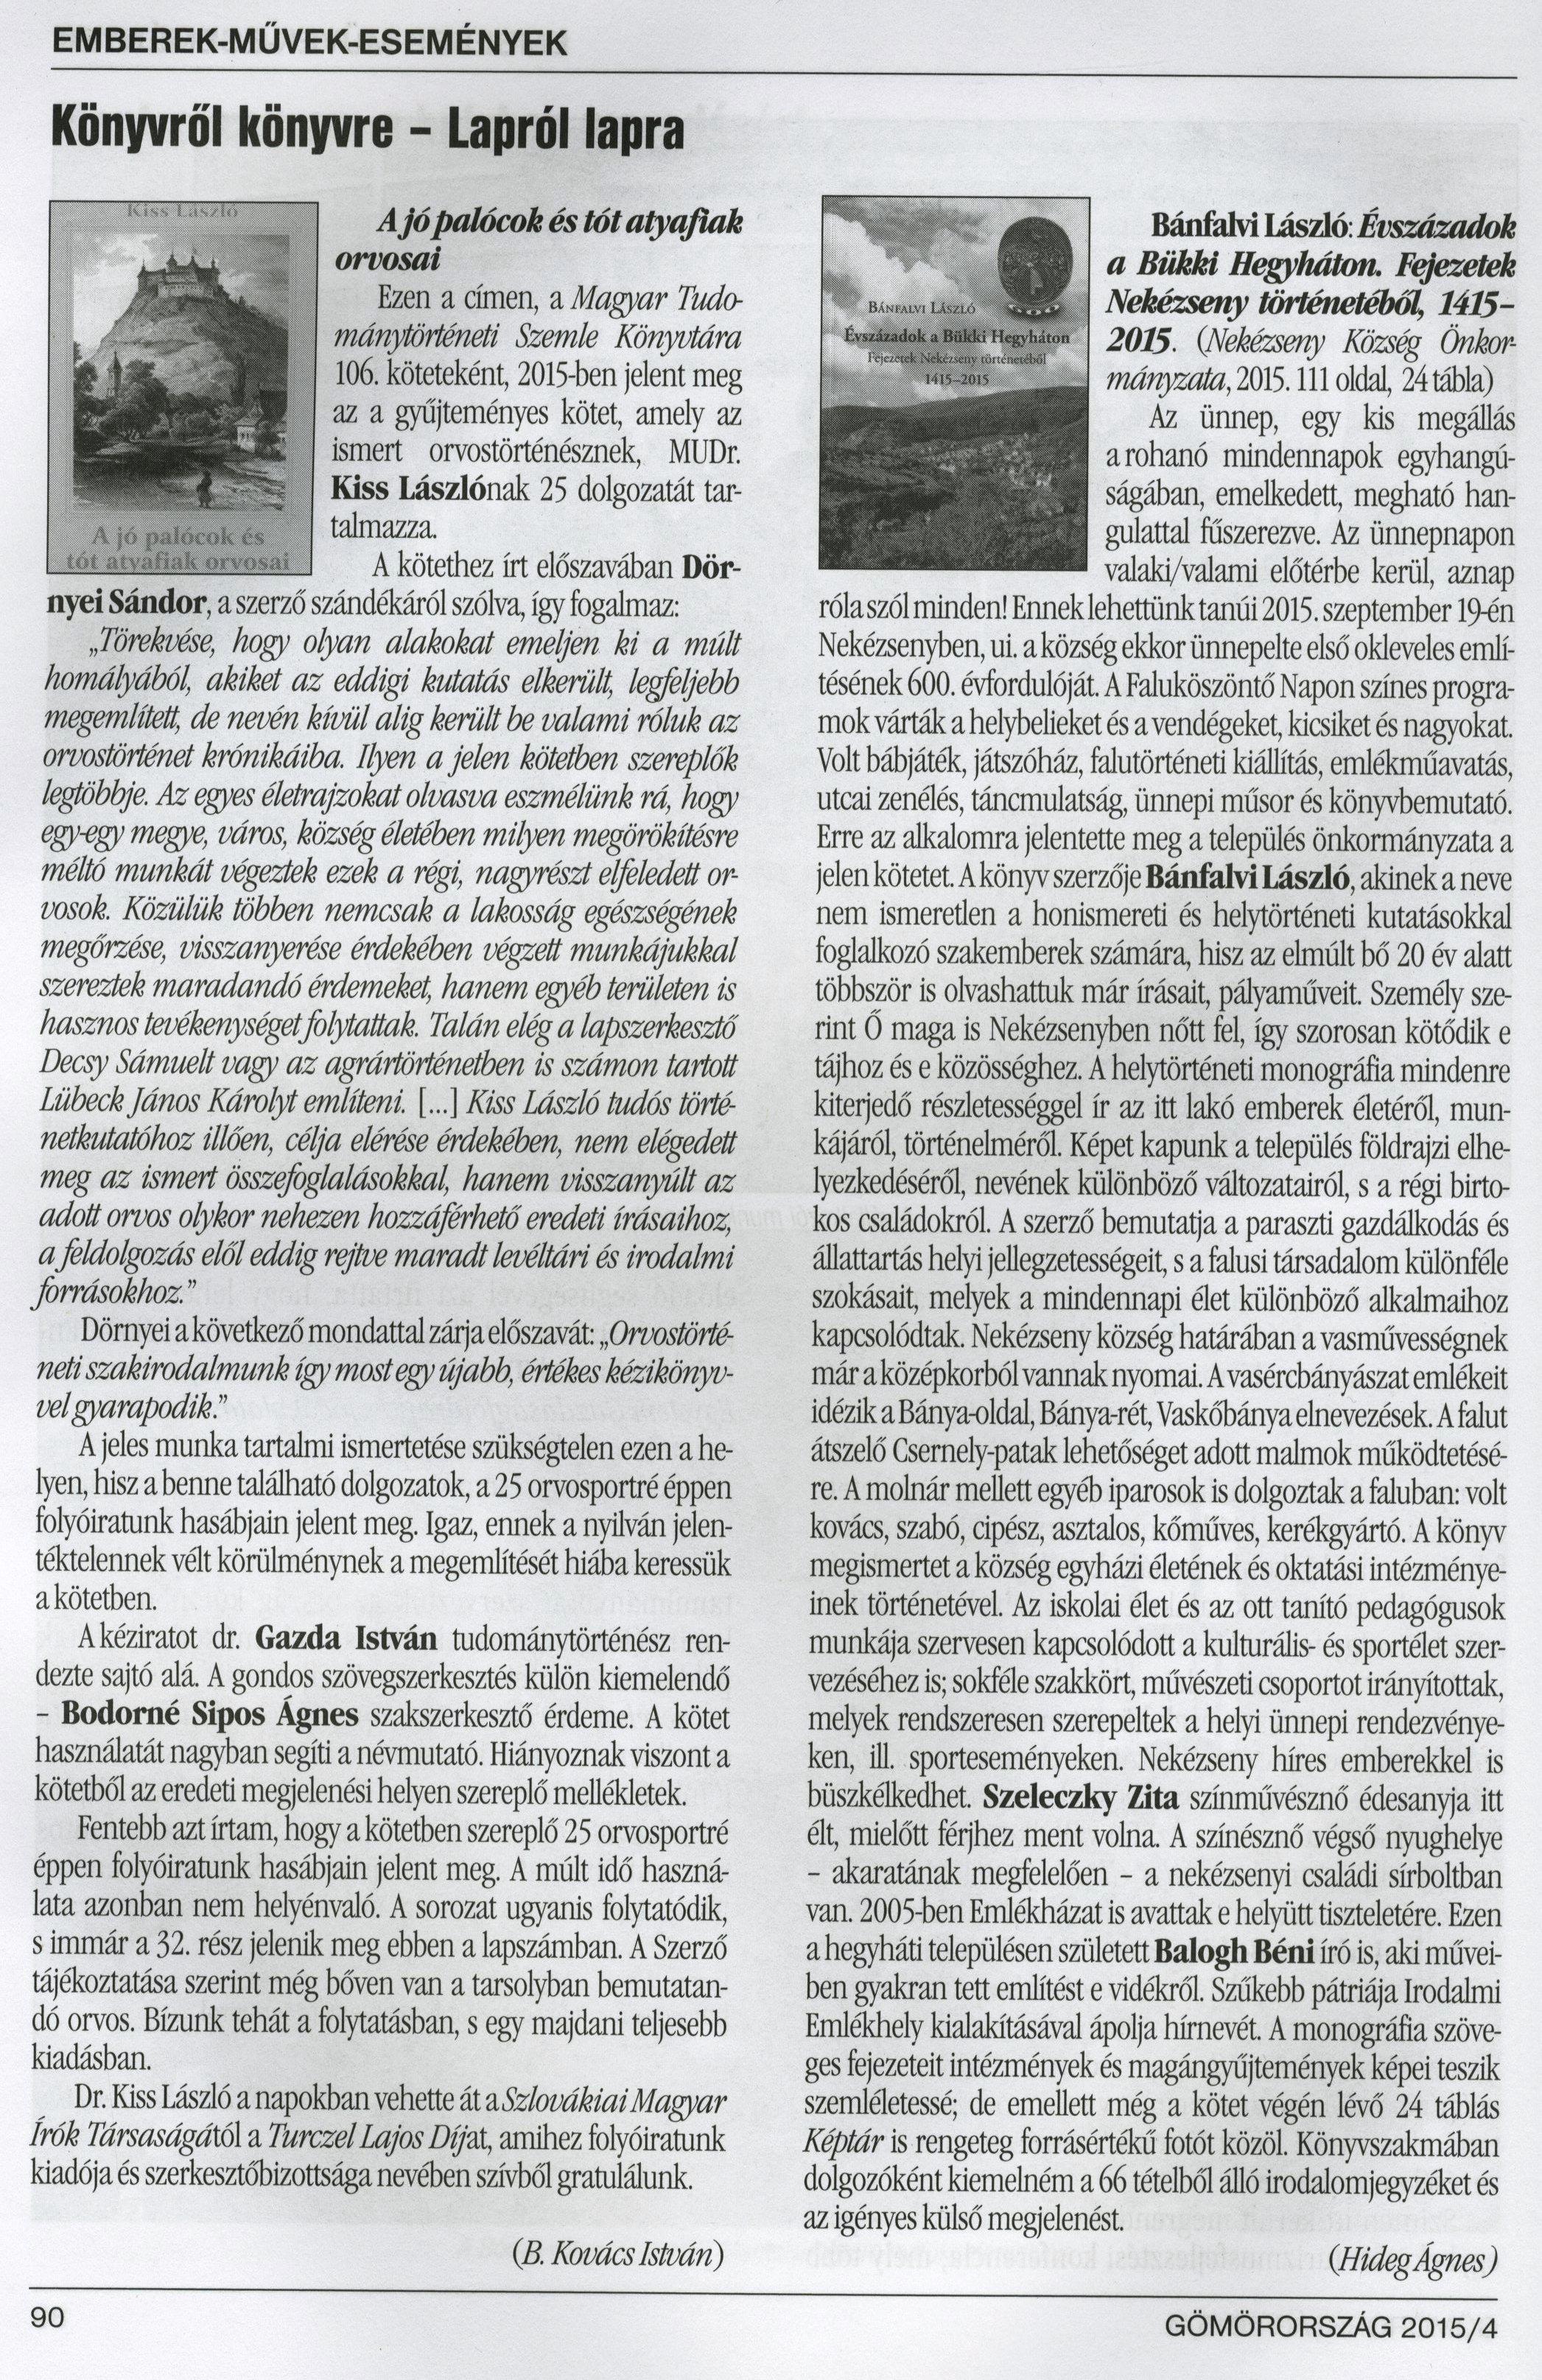 Gömörország-könyvism